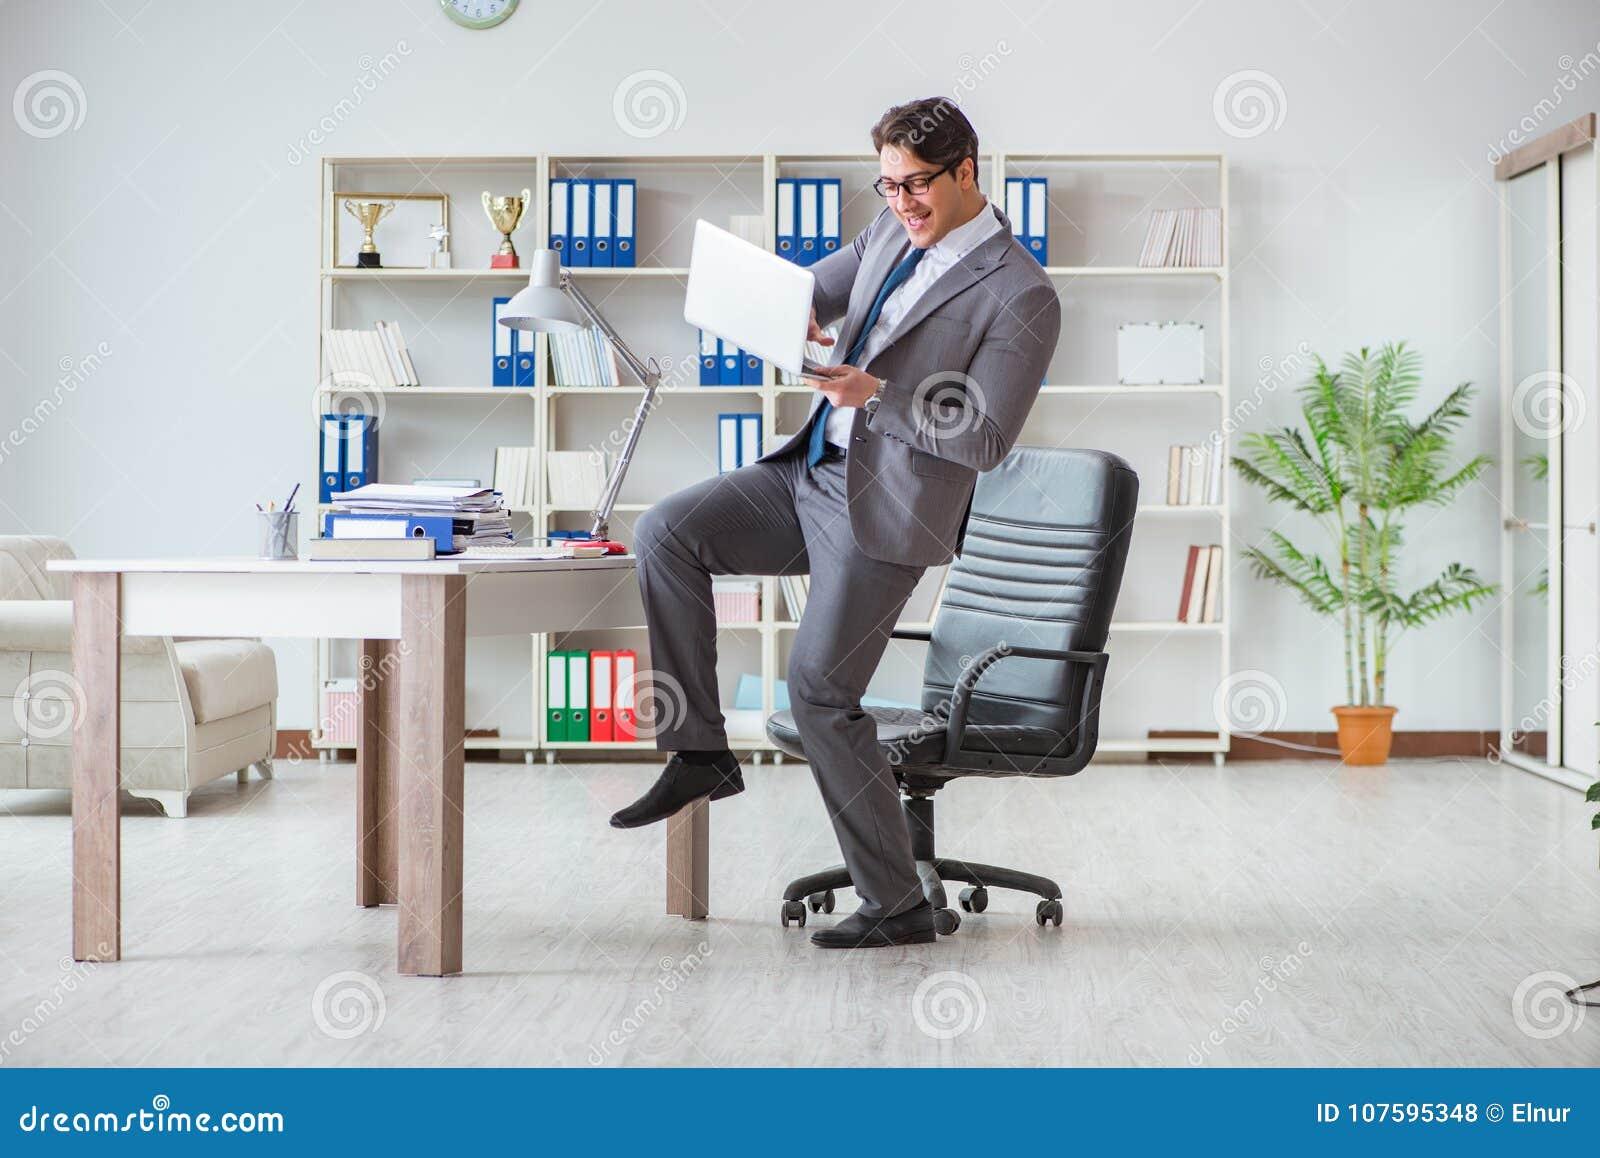 Biznesmen ma zabawę bierze przerwę przy pracą w biurze